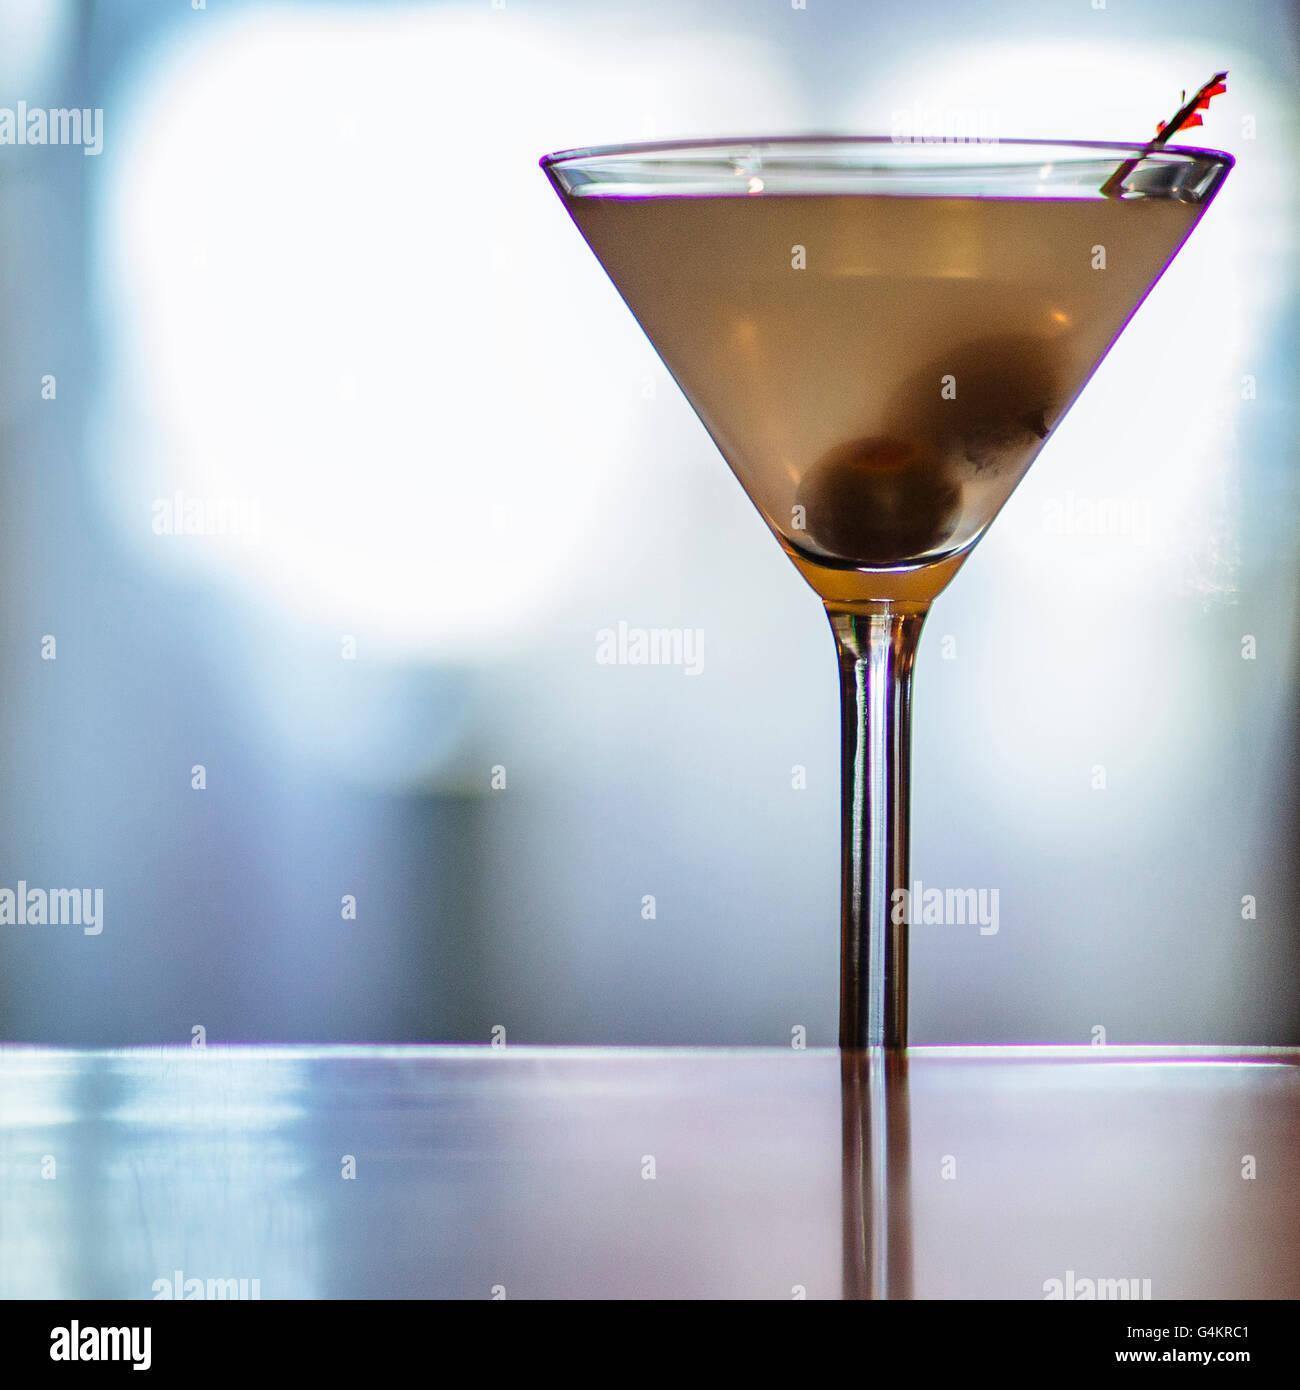 Dirty Martini auf eine hinterleuchtete Bar sitzen. Stockbild